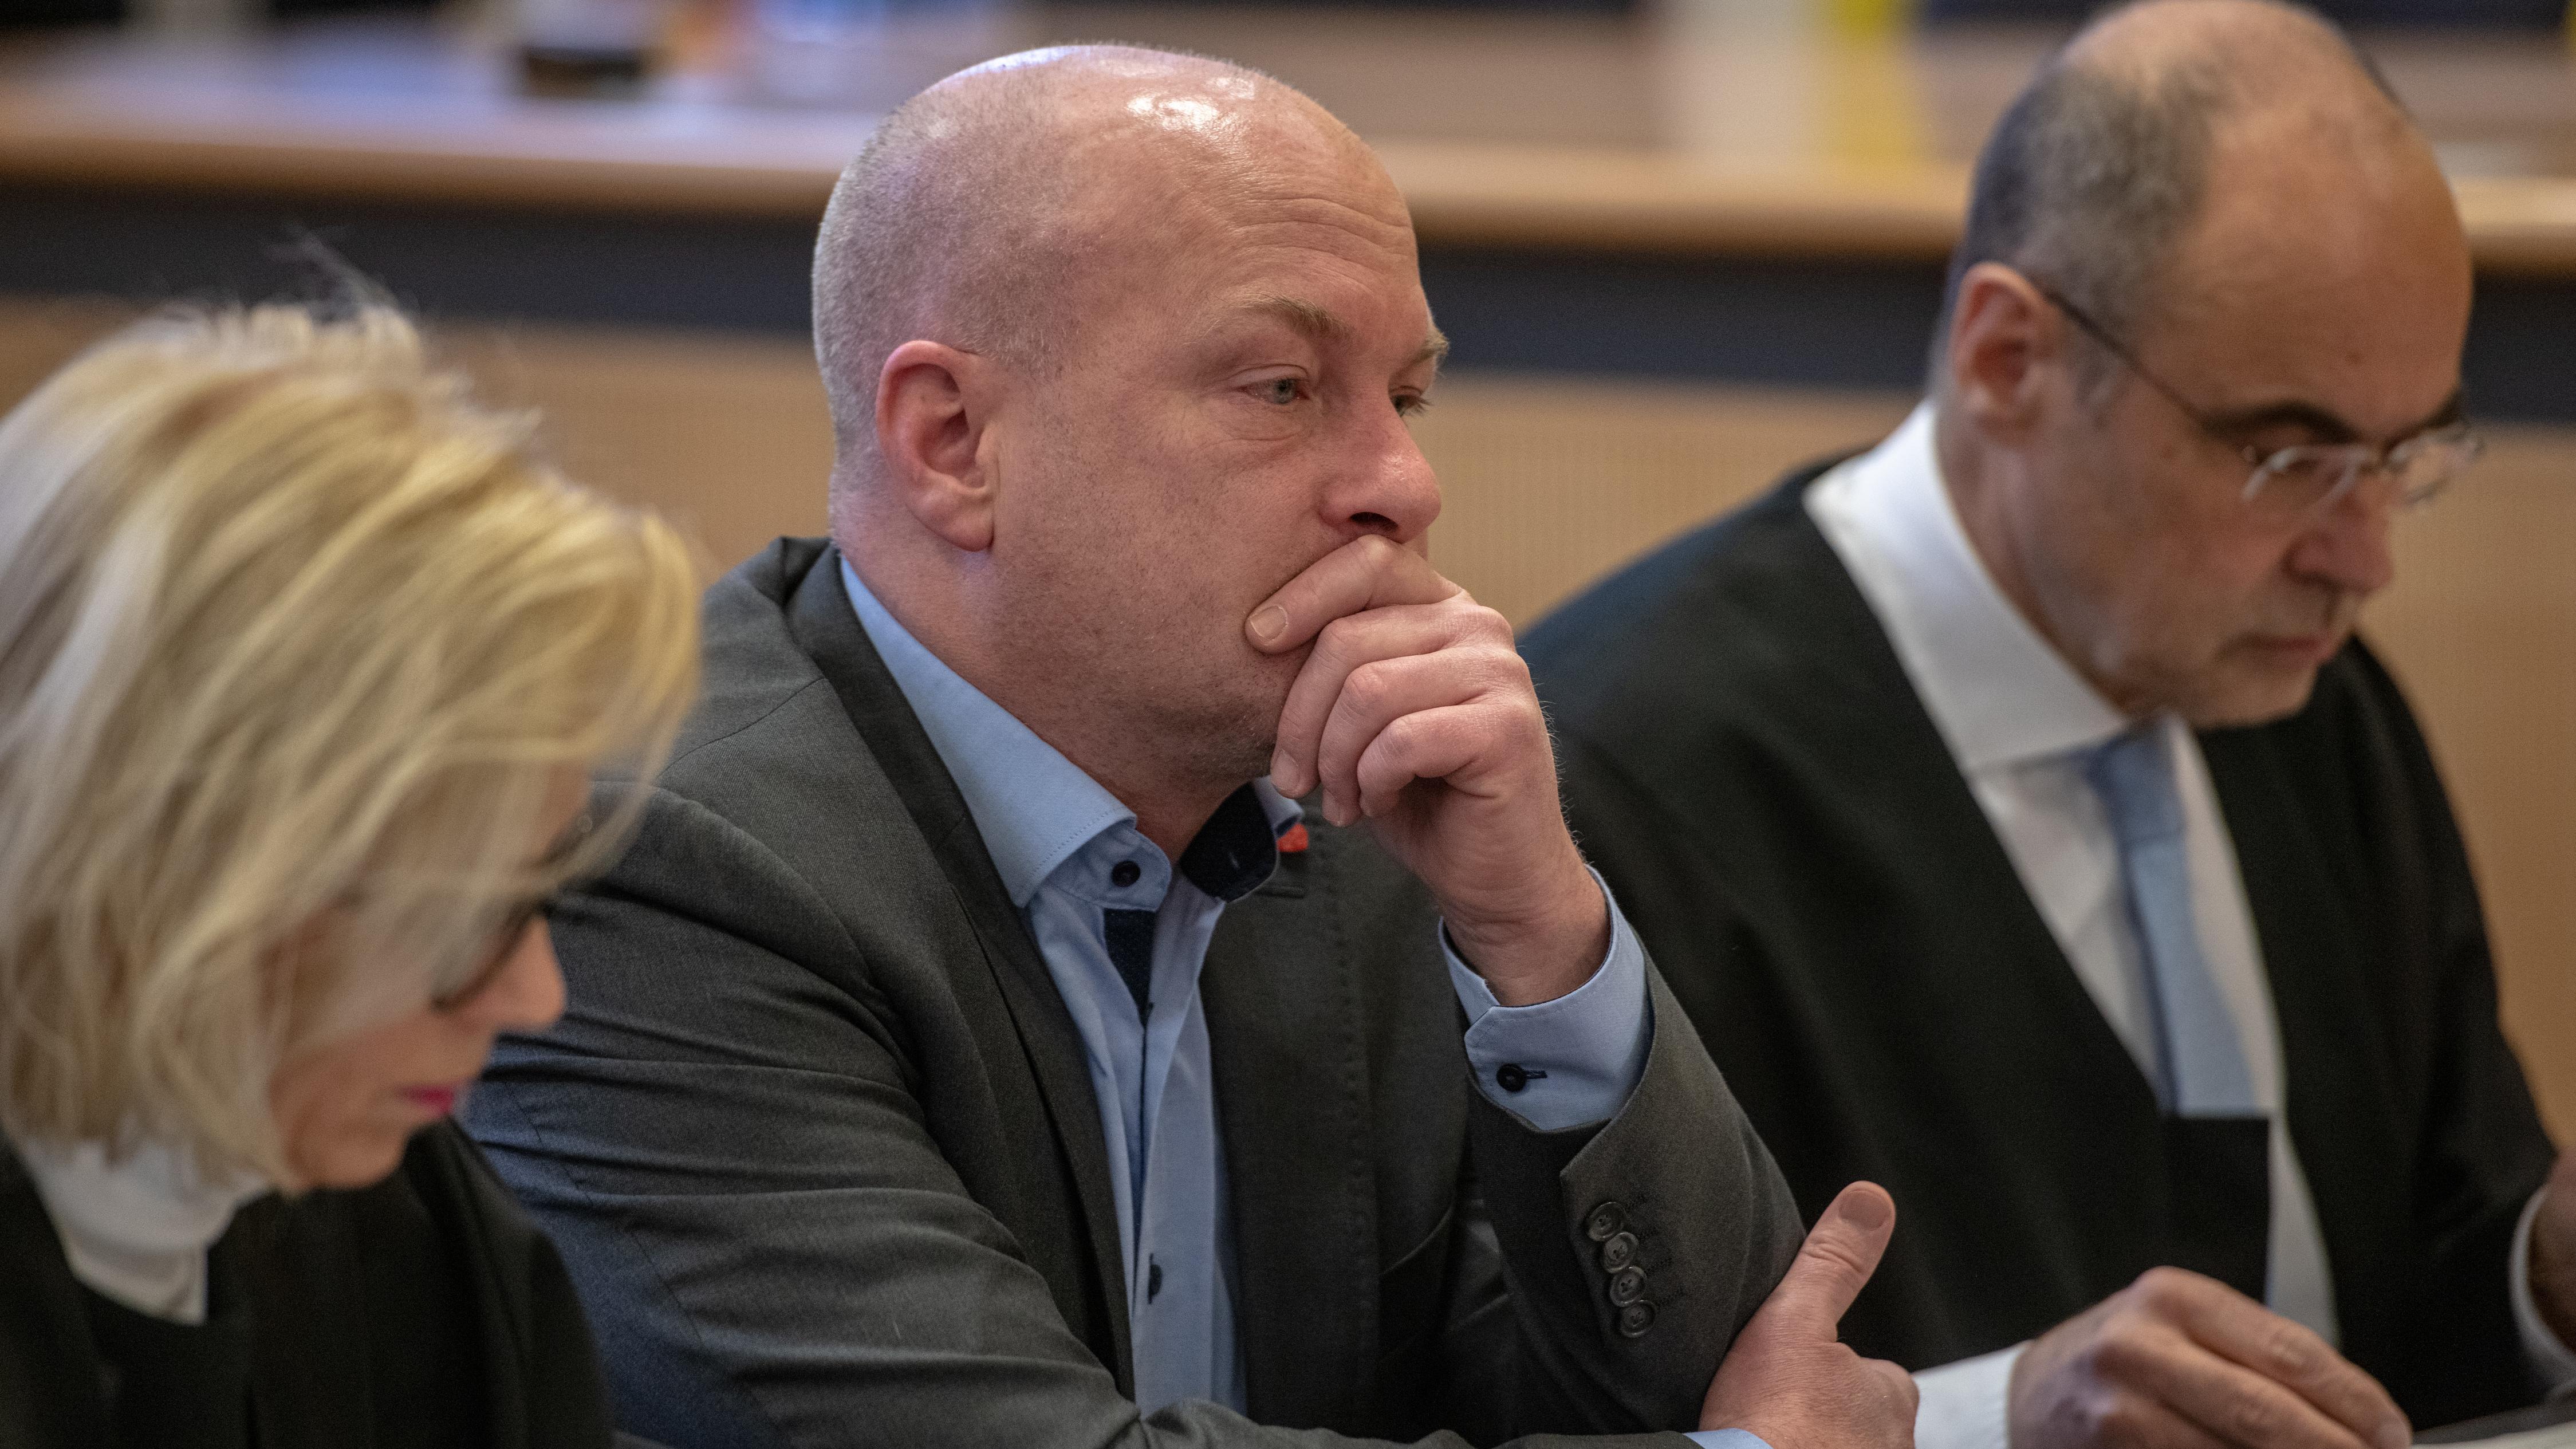 Joachim Wolbergs zwischen seinen Verteidigern im Gerichtssaal